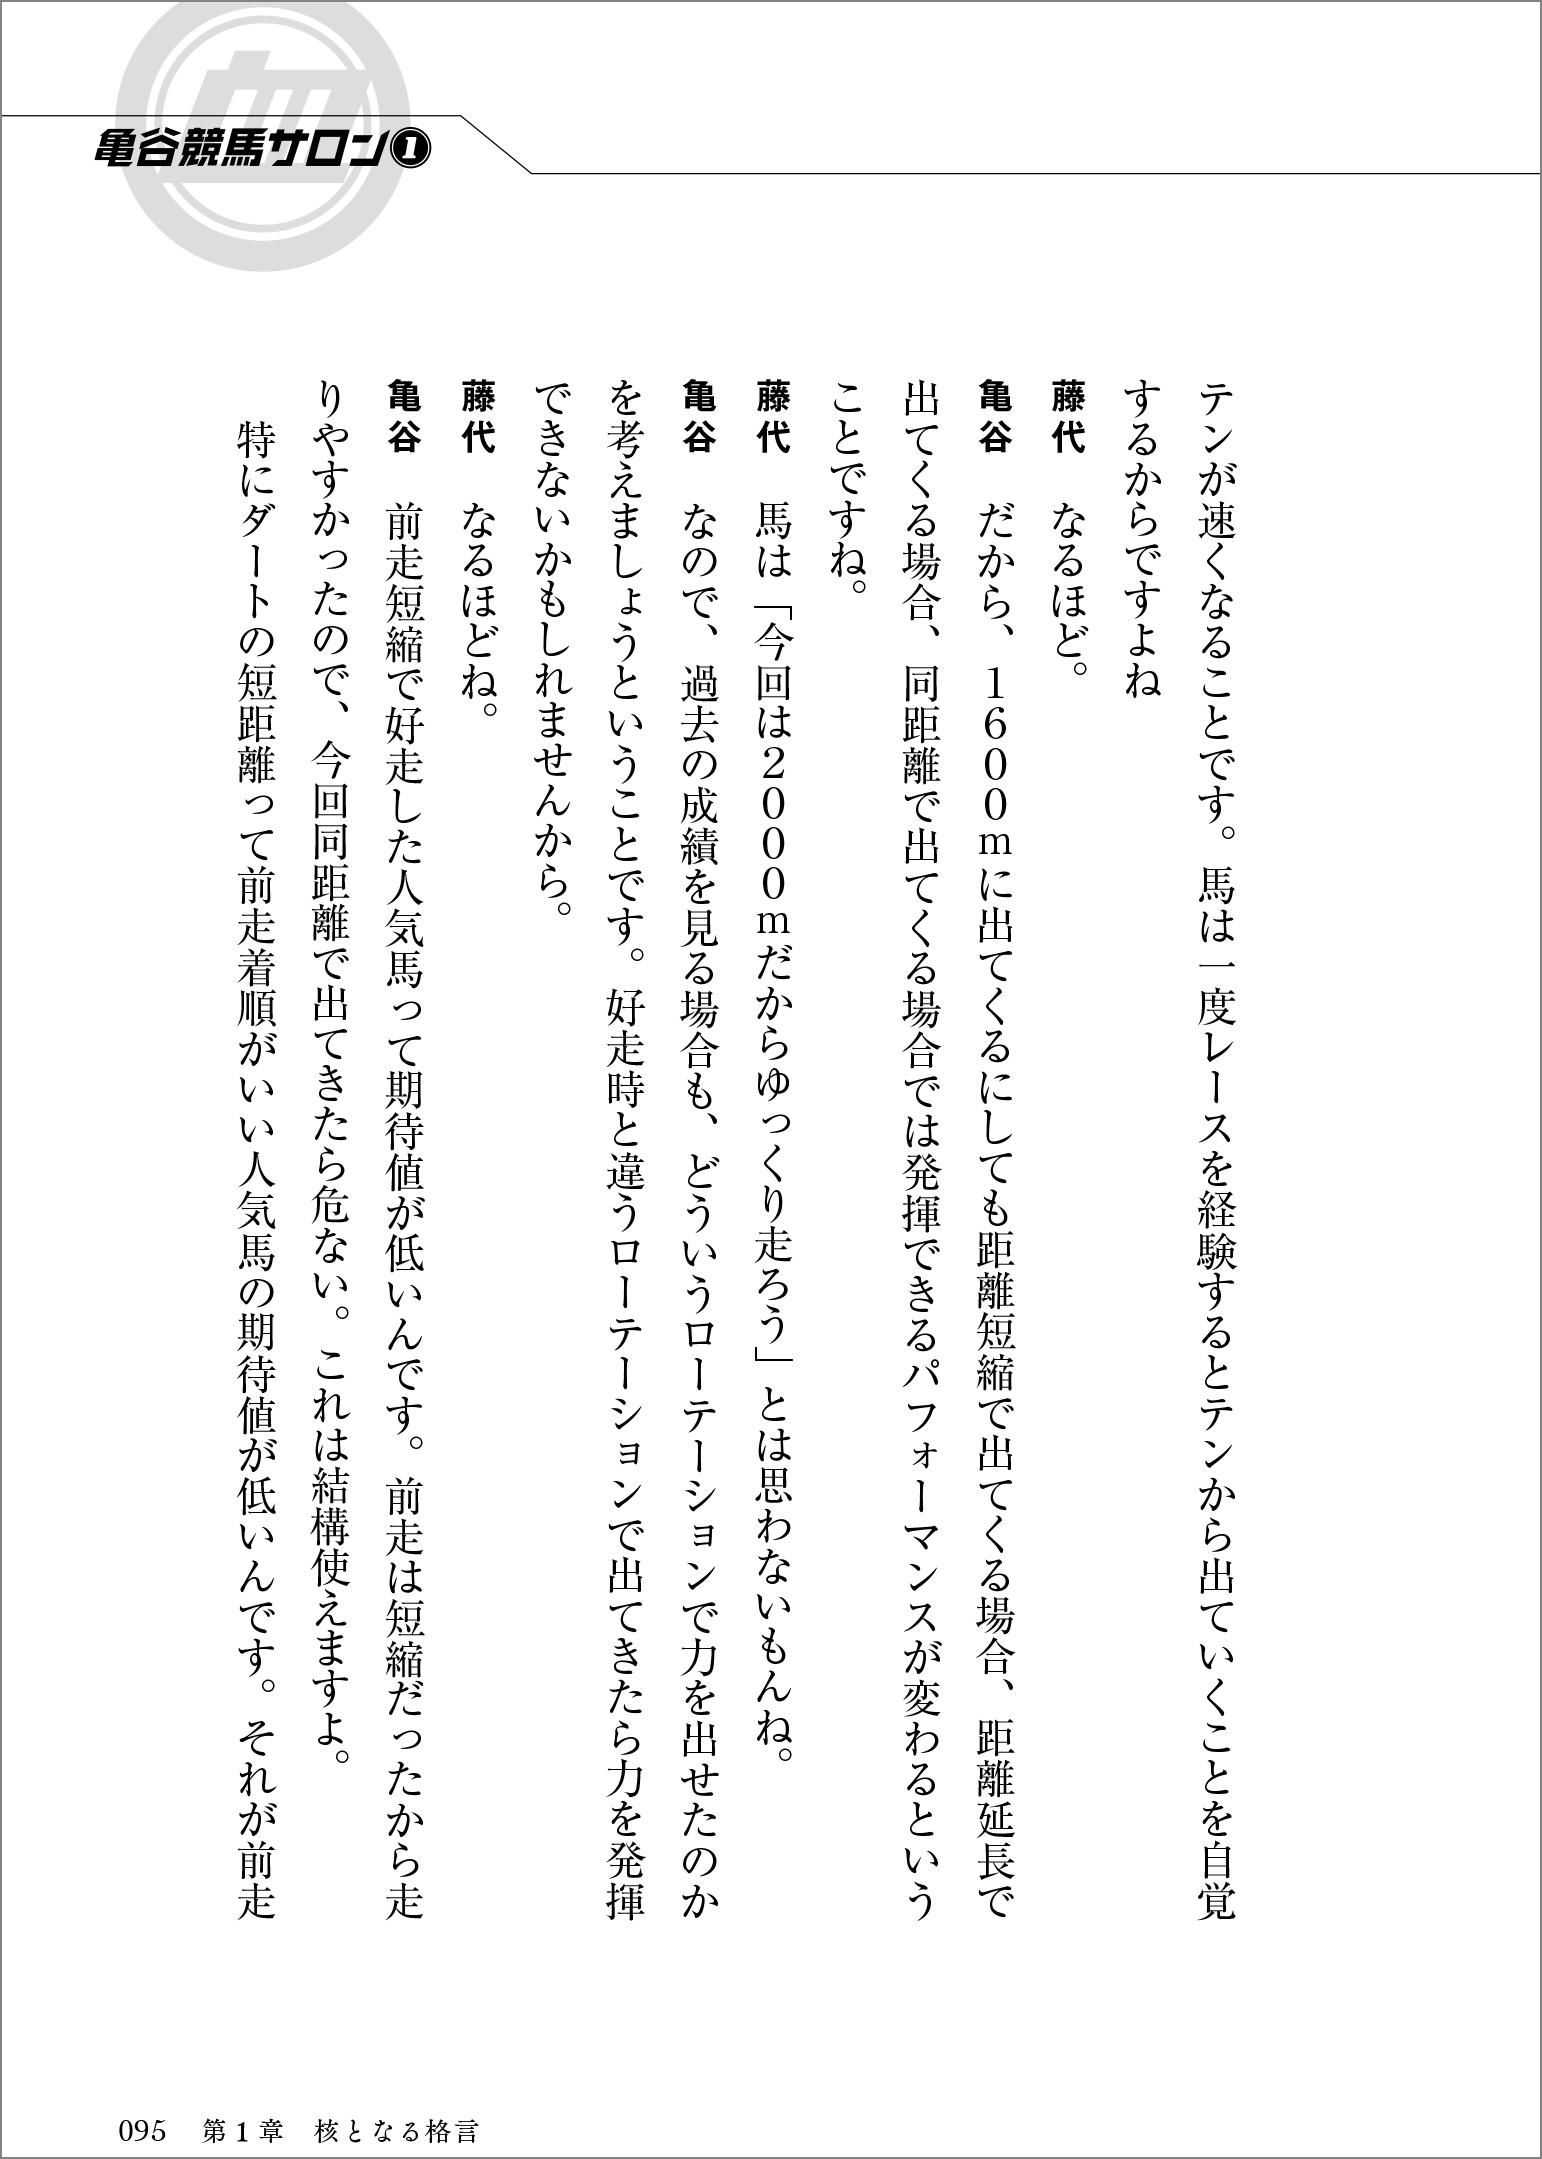 馬券格言_p.95